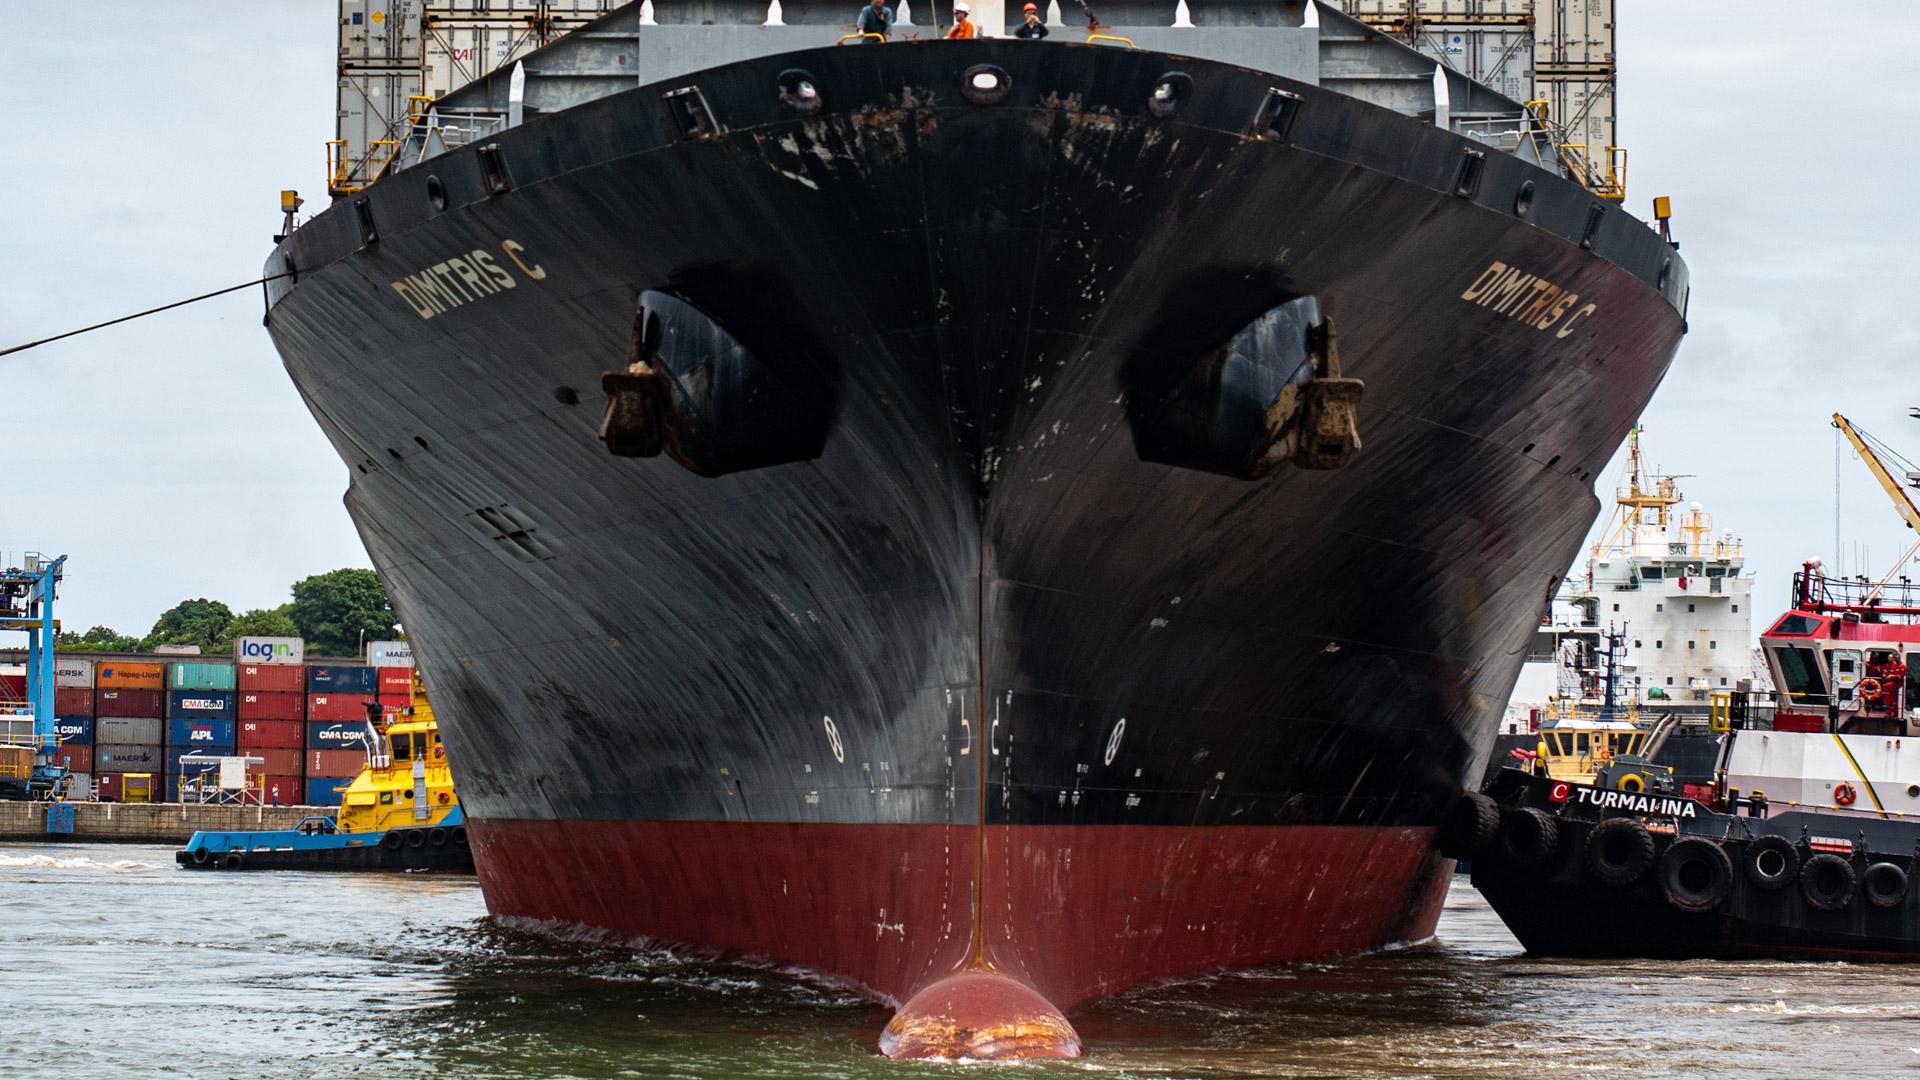 navios - Porto de vitória - dimitris c